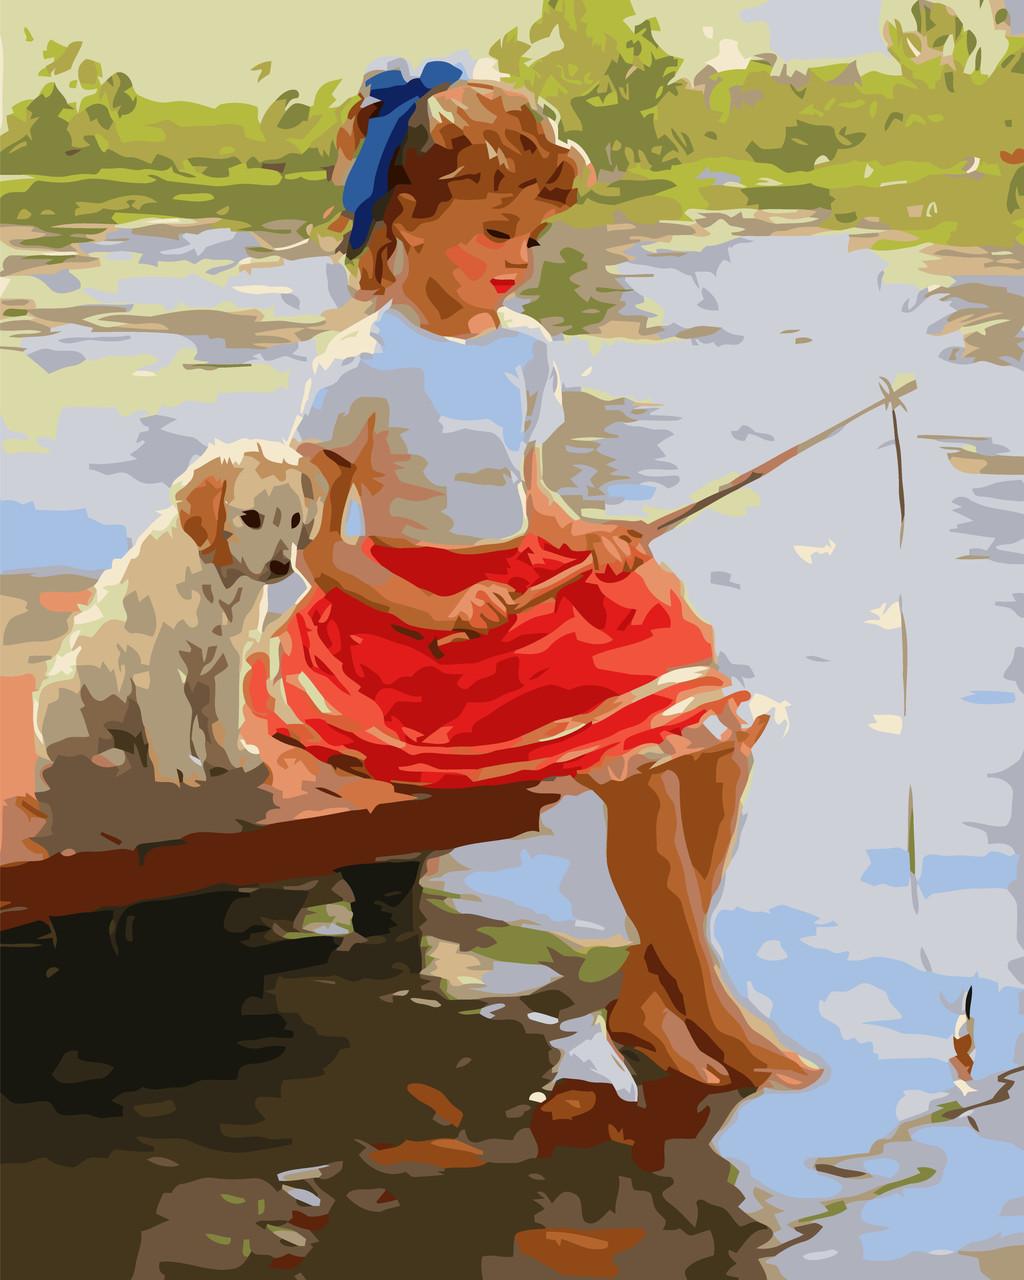 Картина по номерам VA-1794 Девочка и щенок на мостику, 40х50см. Strateg